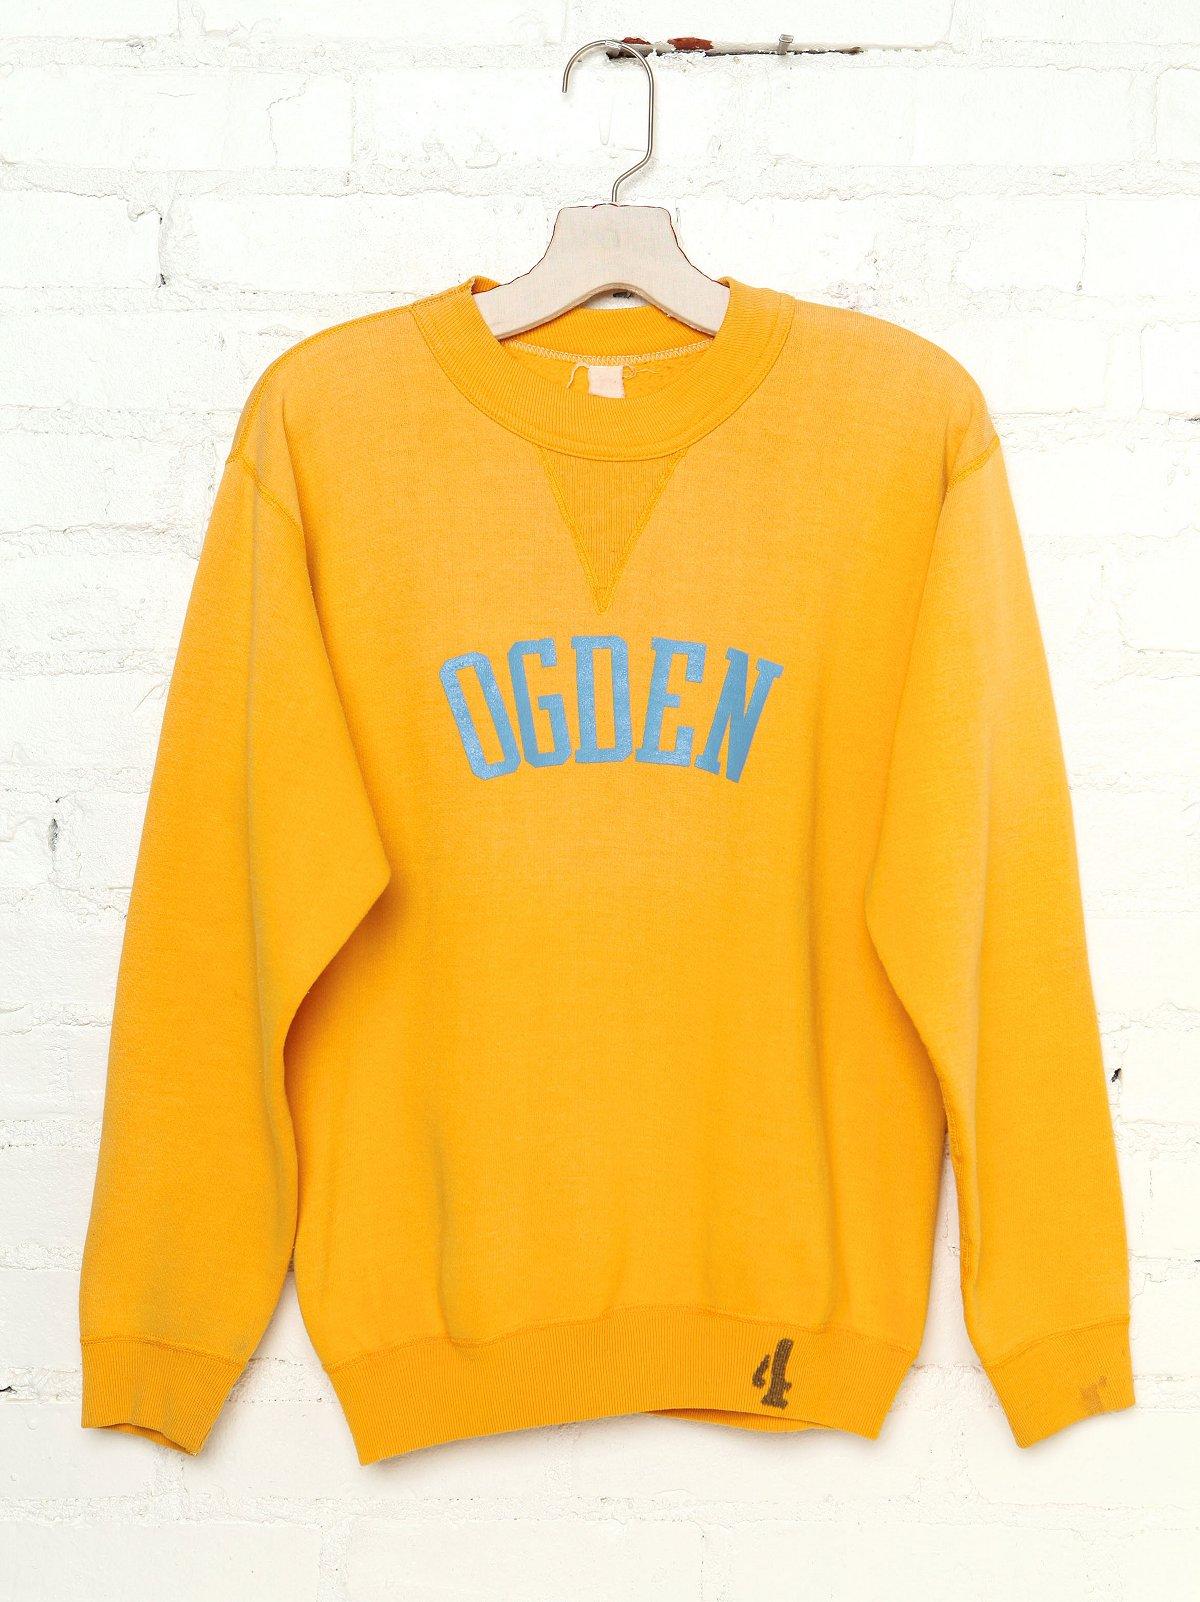 Vintage Ogden Graphic Sweatshirt